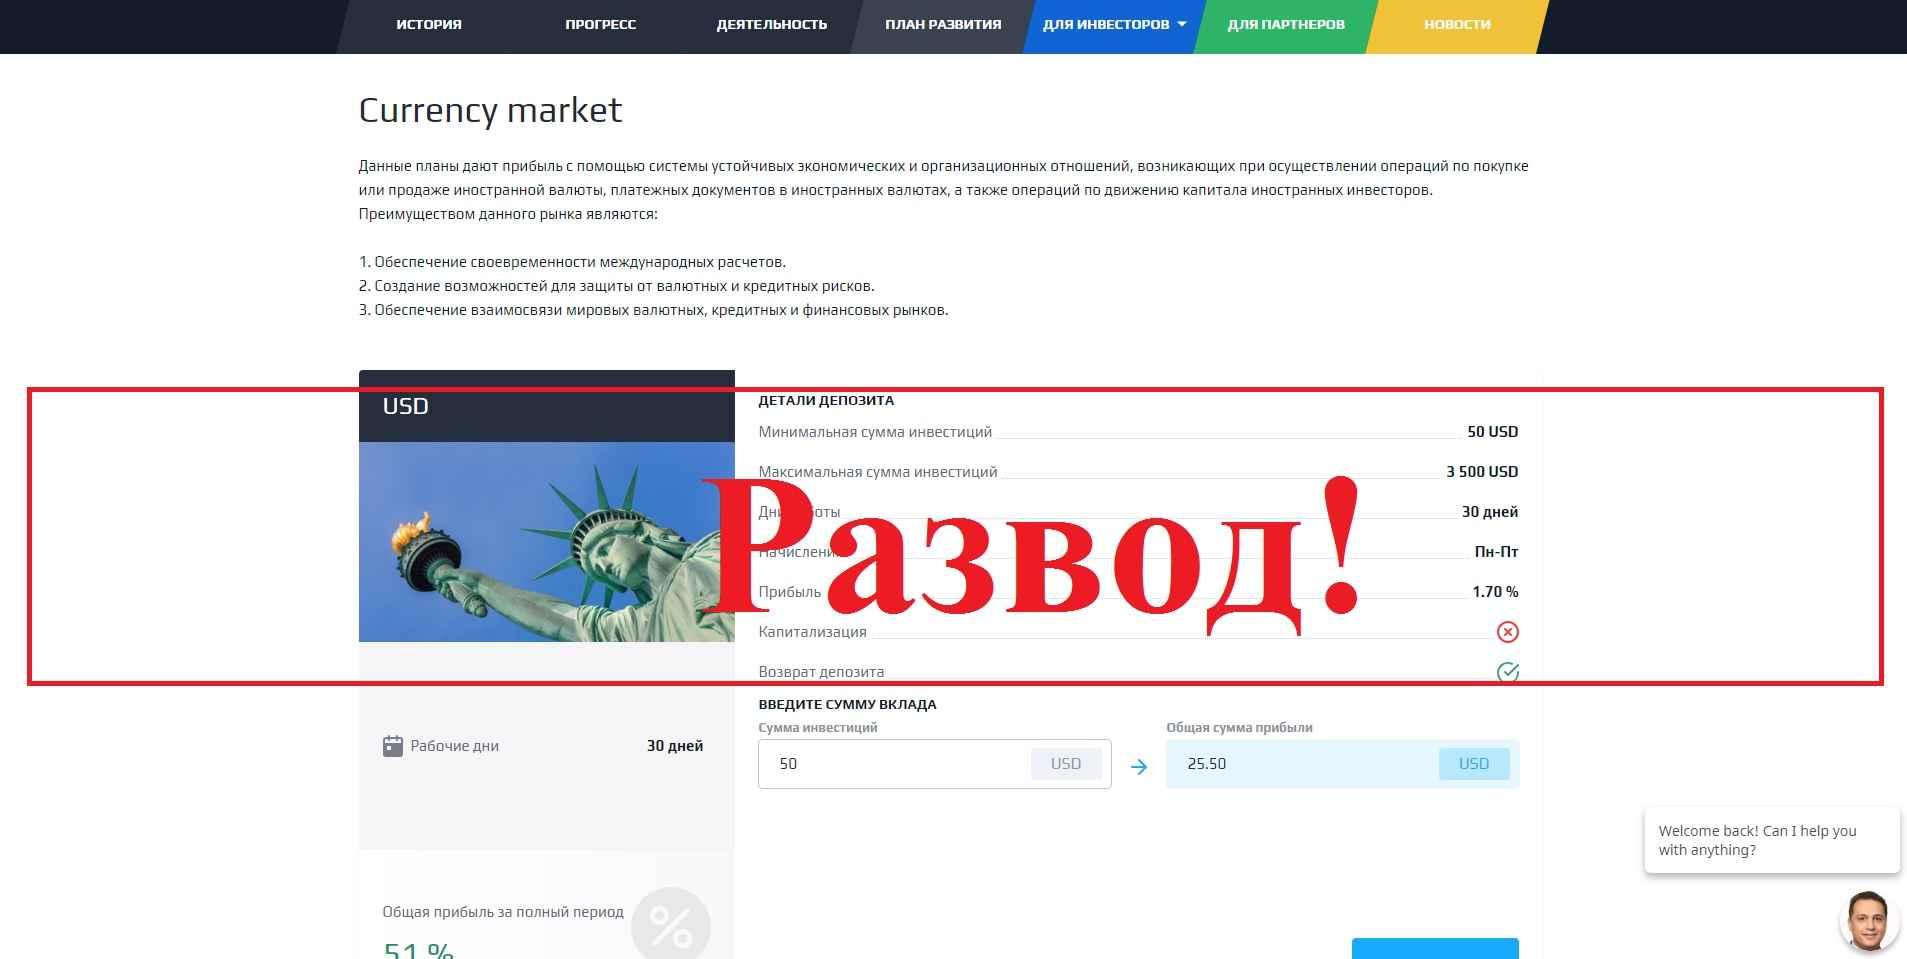 Stock Sons – торговля на крупных валютных и фондовых рынках. Отзывы о stocksons.com